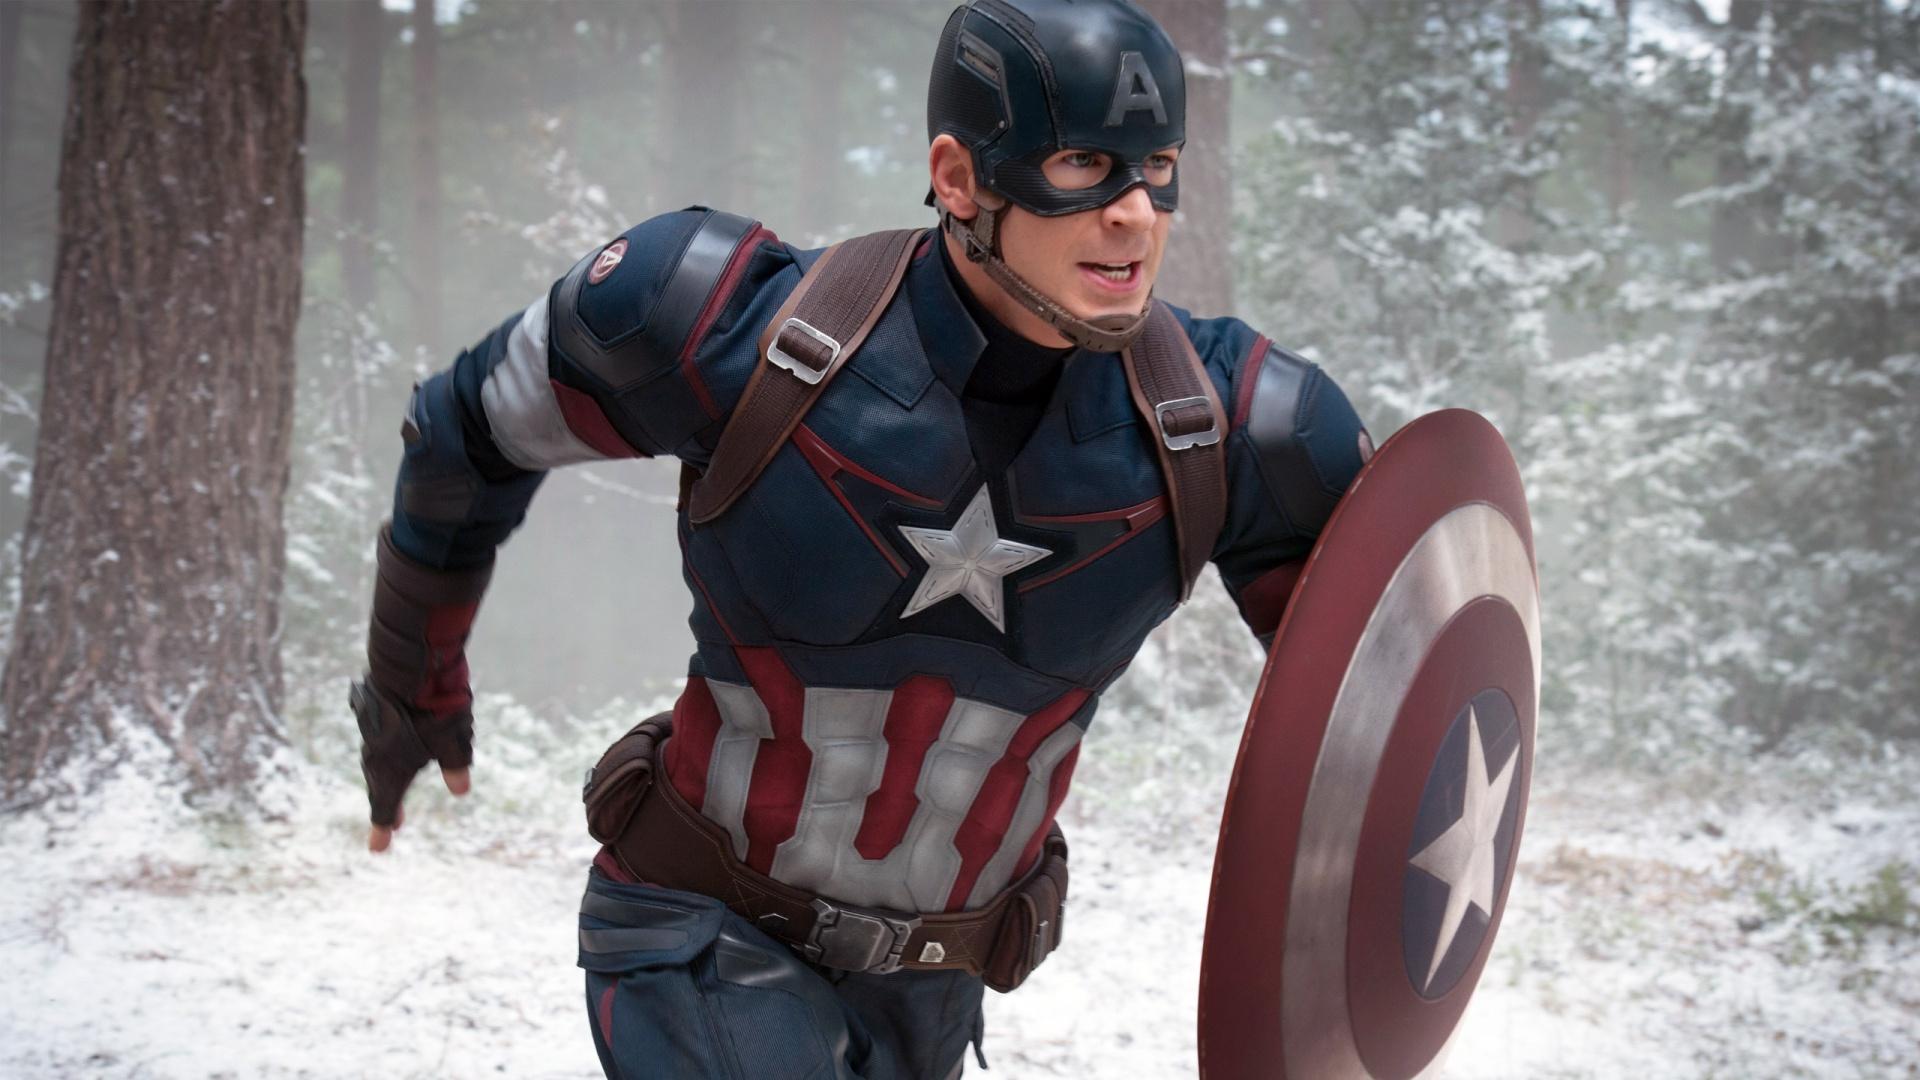 captain america civil war film hd wallpaper hd wallpapers for 1920x1080